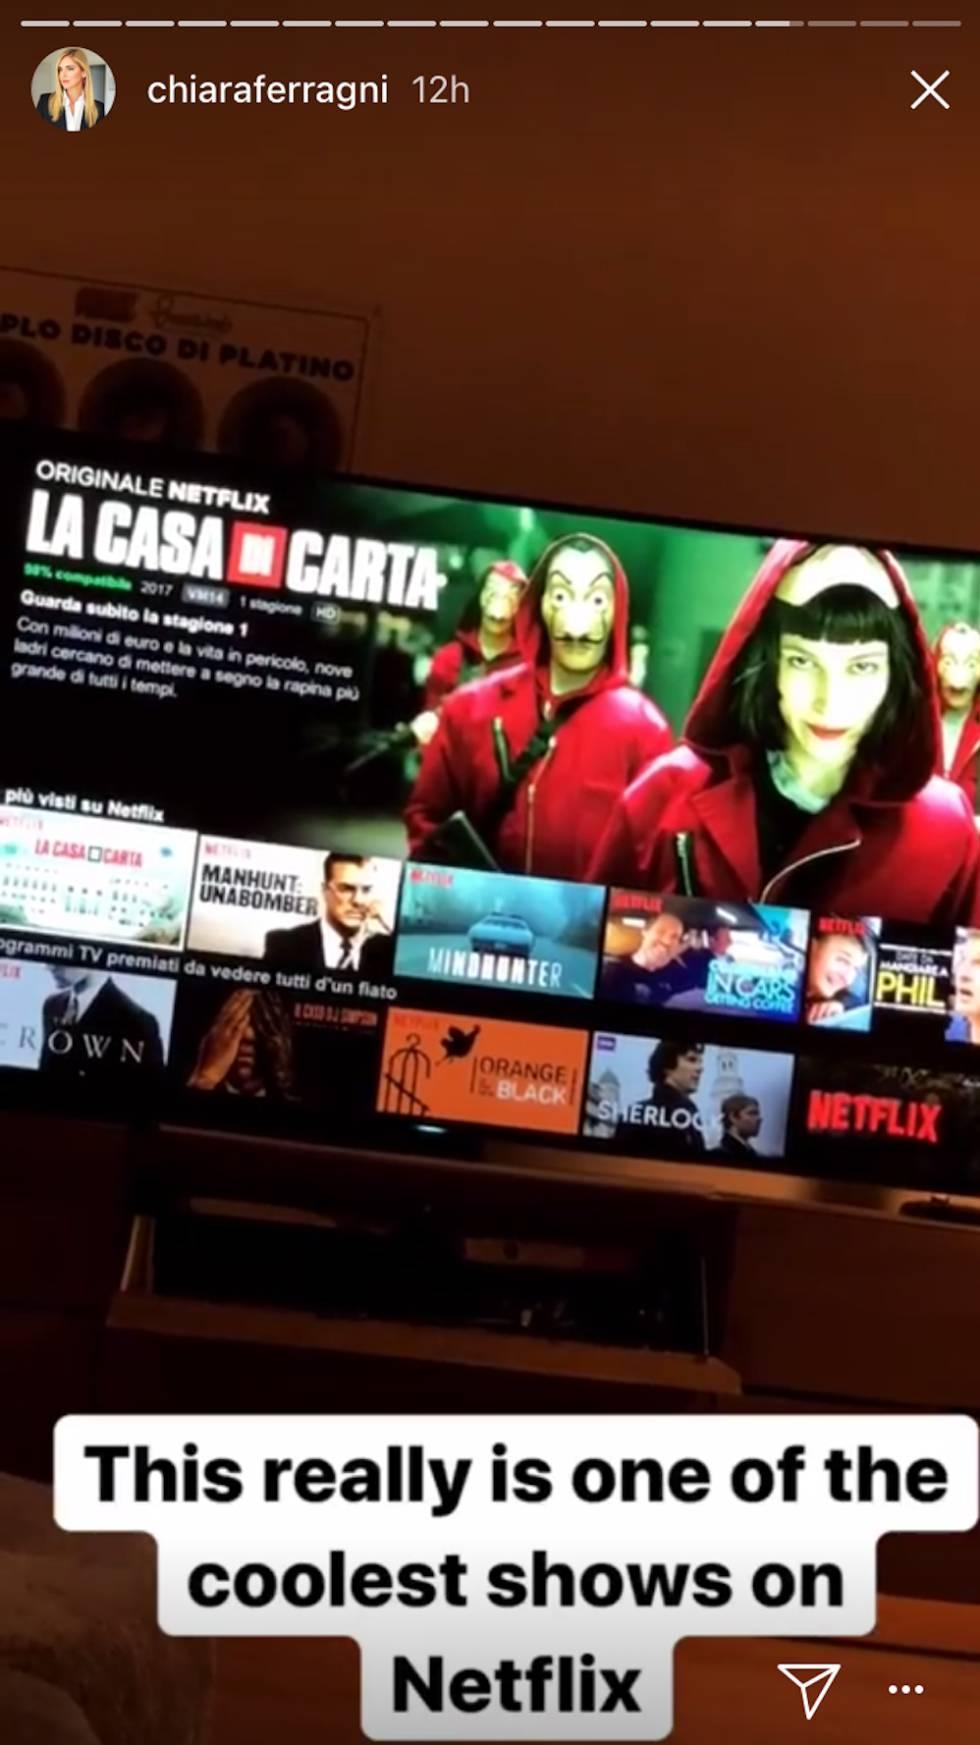 La serie favorita de Chiara Ferragni es española